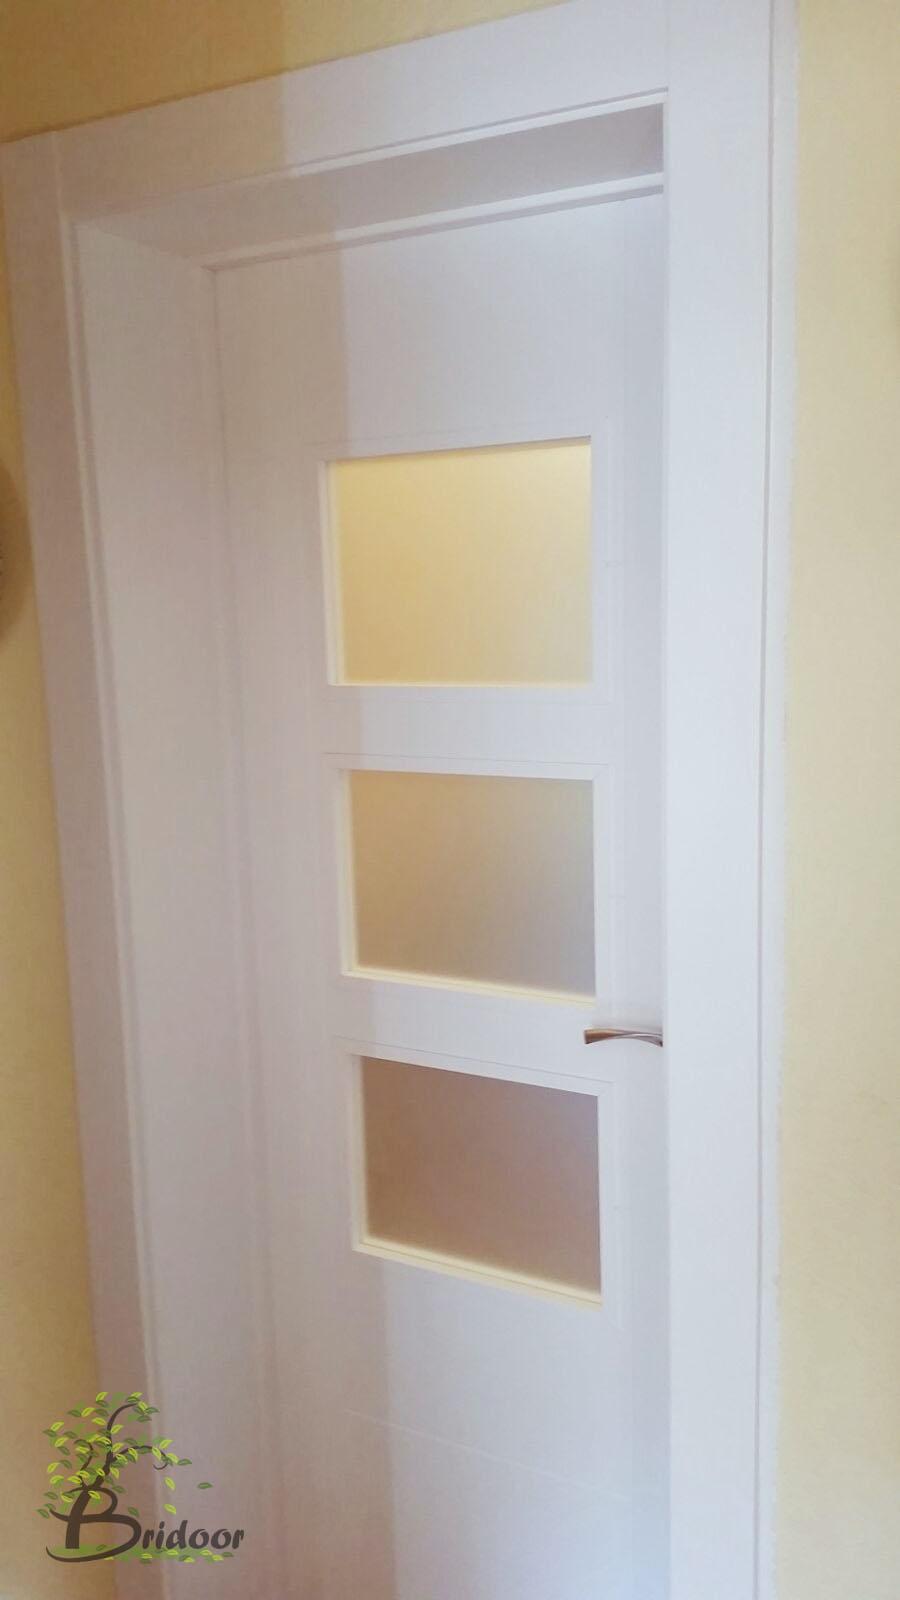 Bridoor s l vivienda lacada paracuellos del jarama for Puertas de cristal para interiores